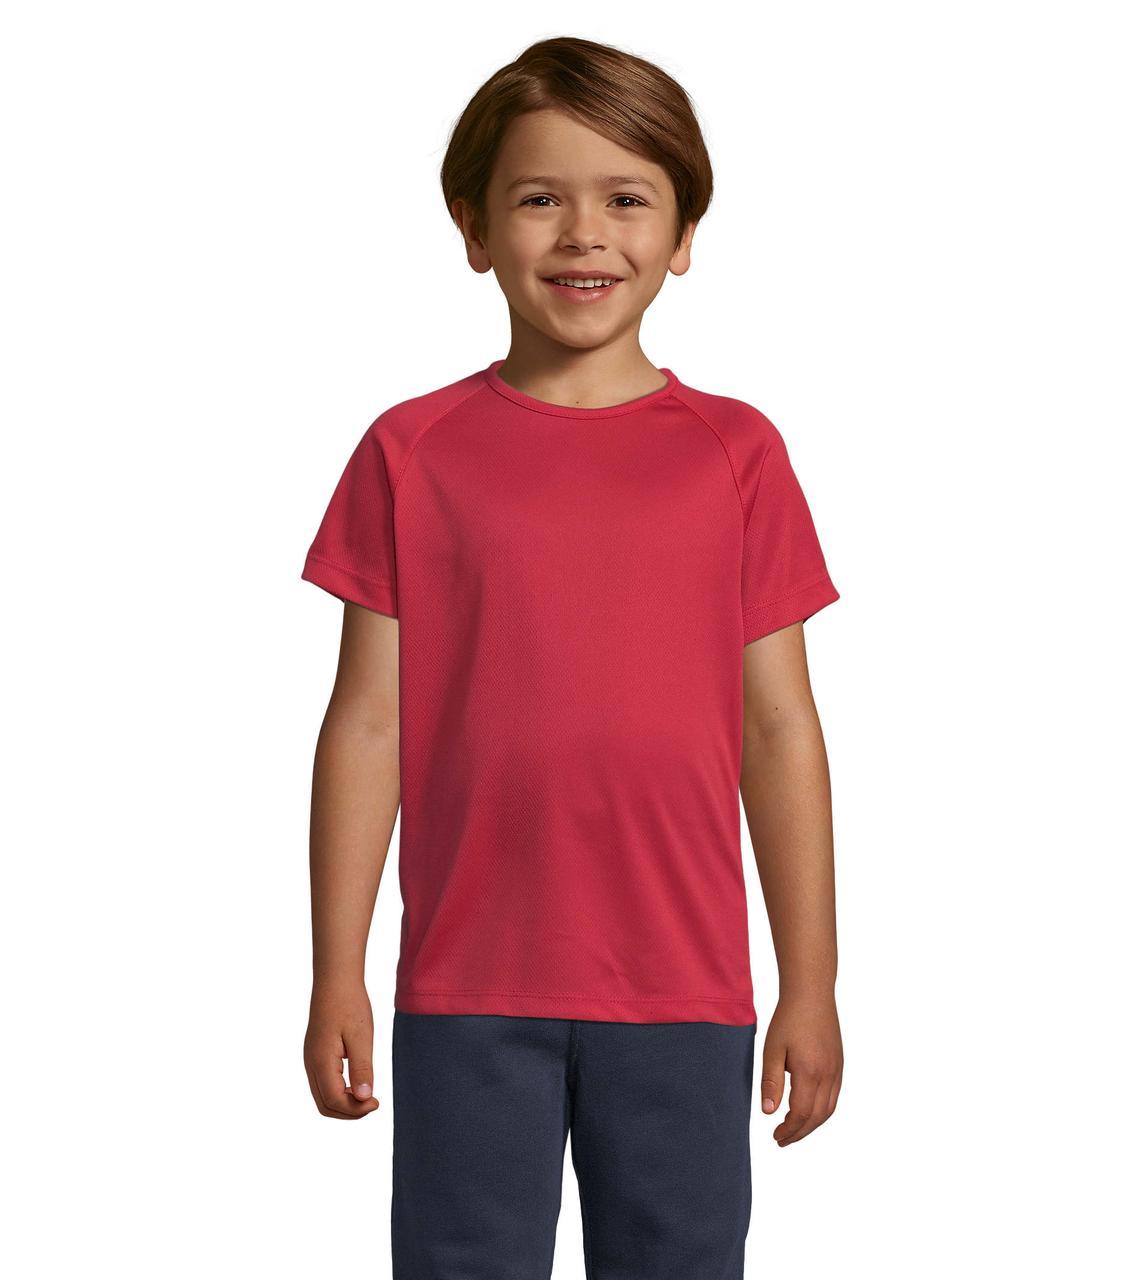 Детская спортивная футболка, красный, SOL'S SPORTY KIDS от 6 до 12 лет